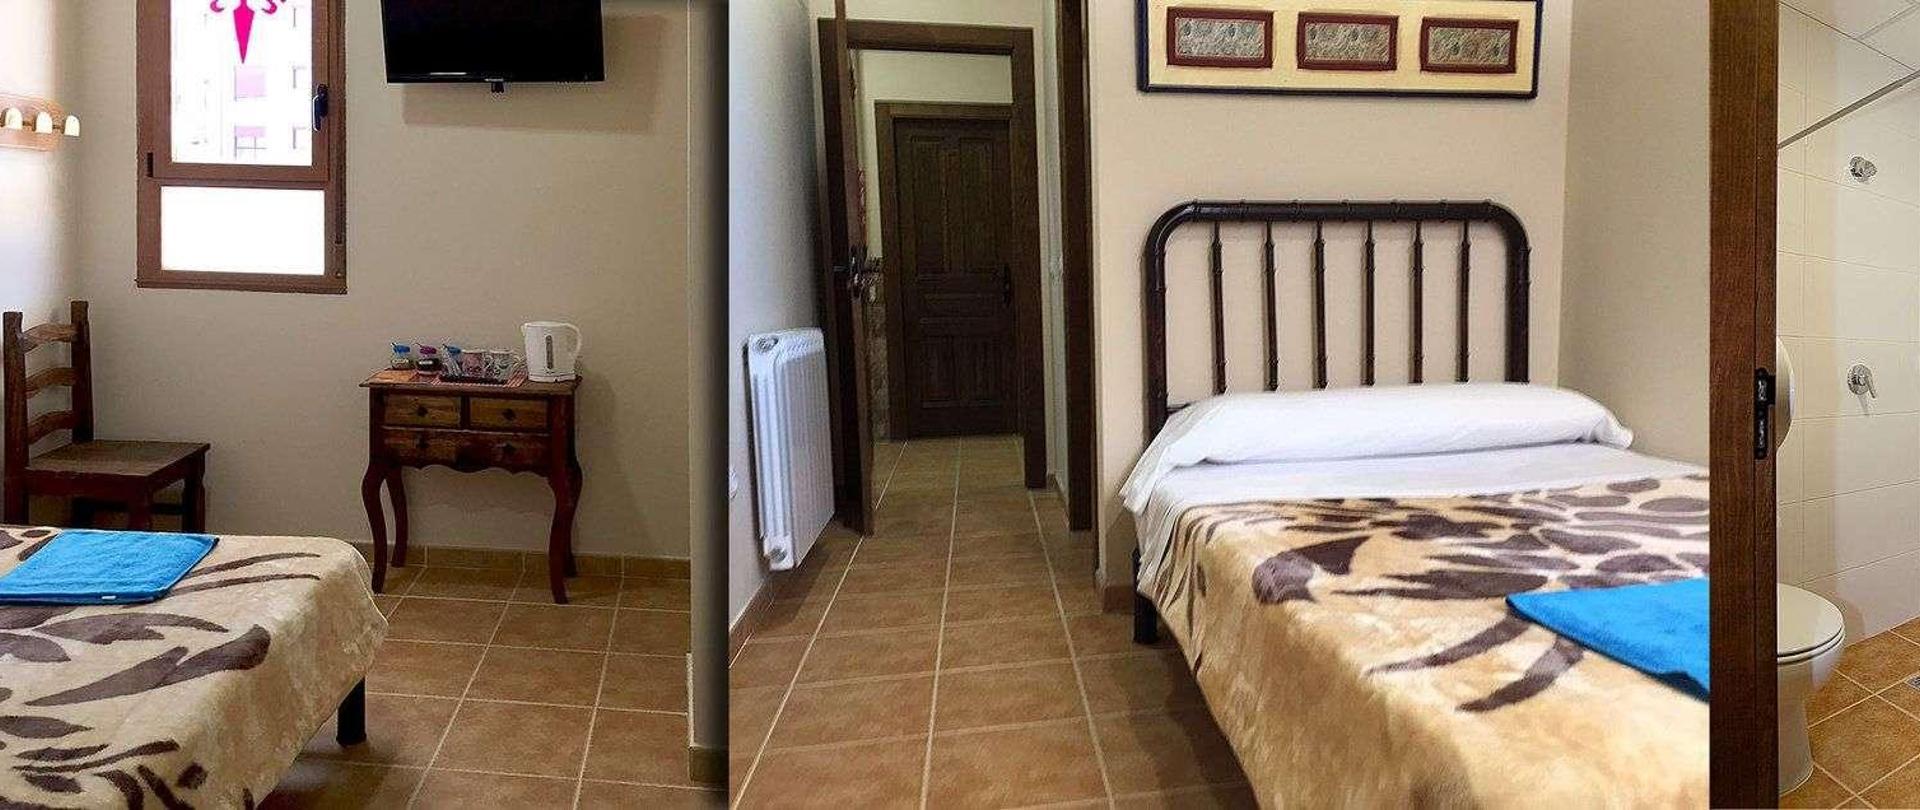 Habitaciónprivada (cama matrimonio) .jpg